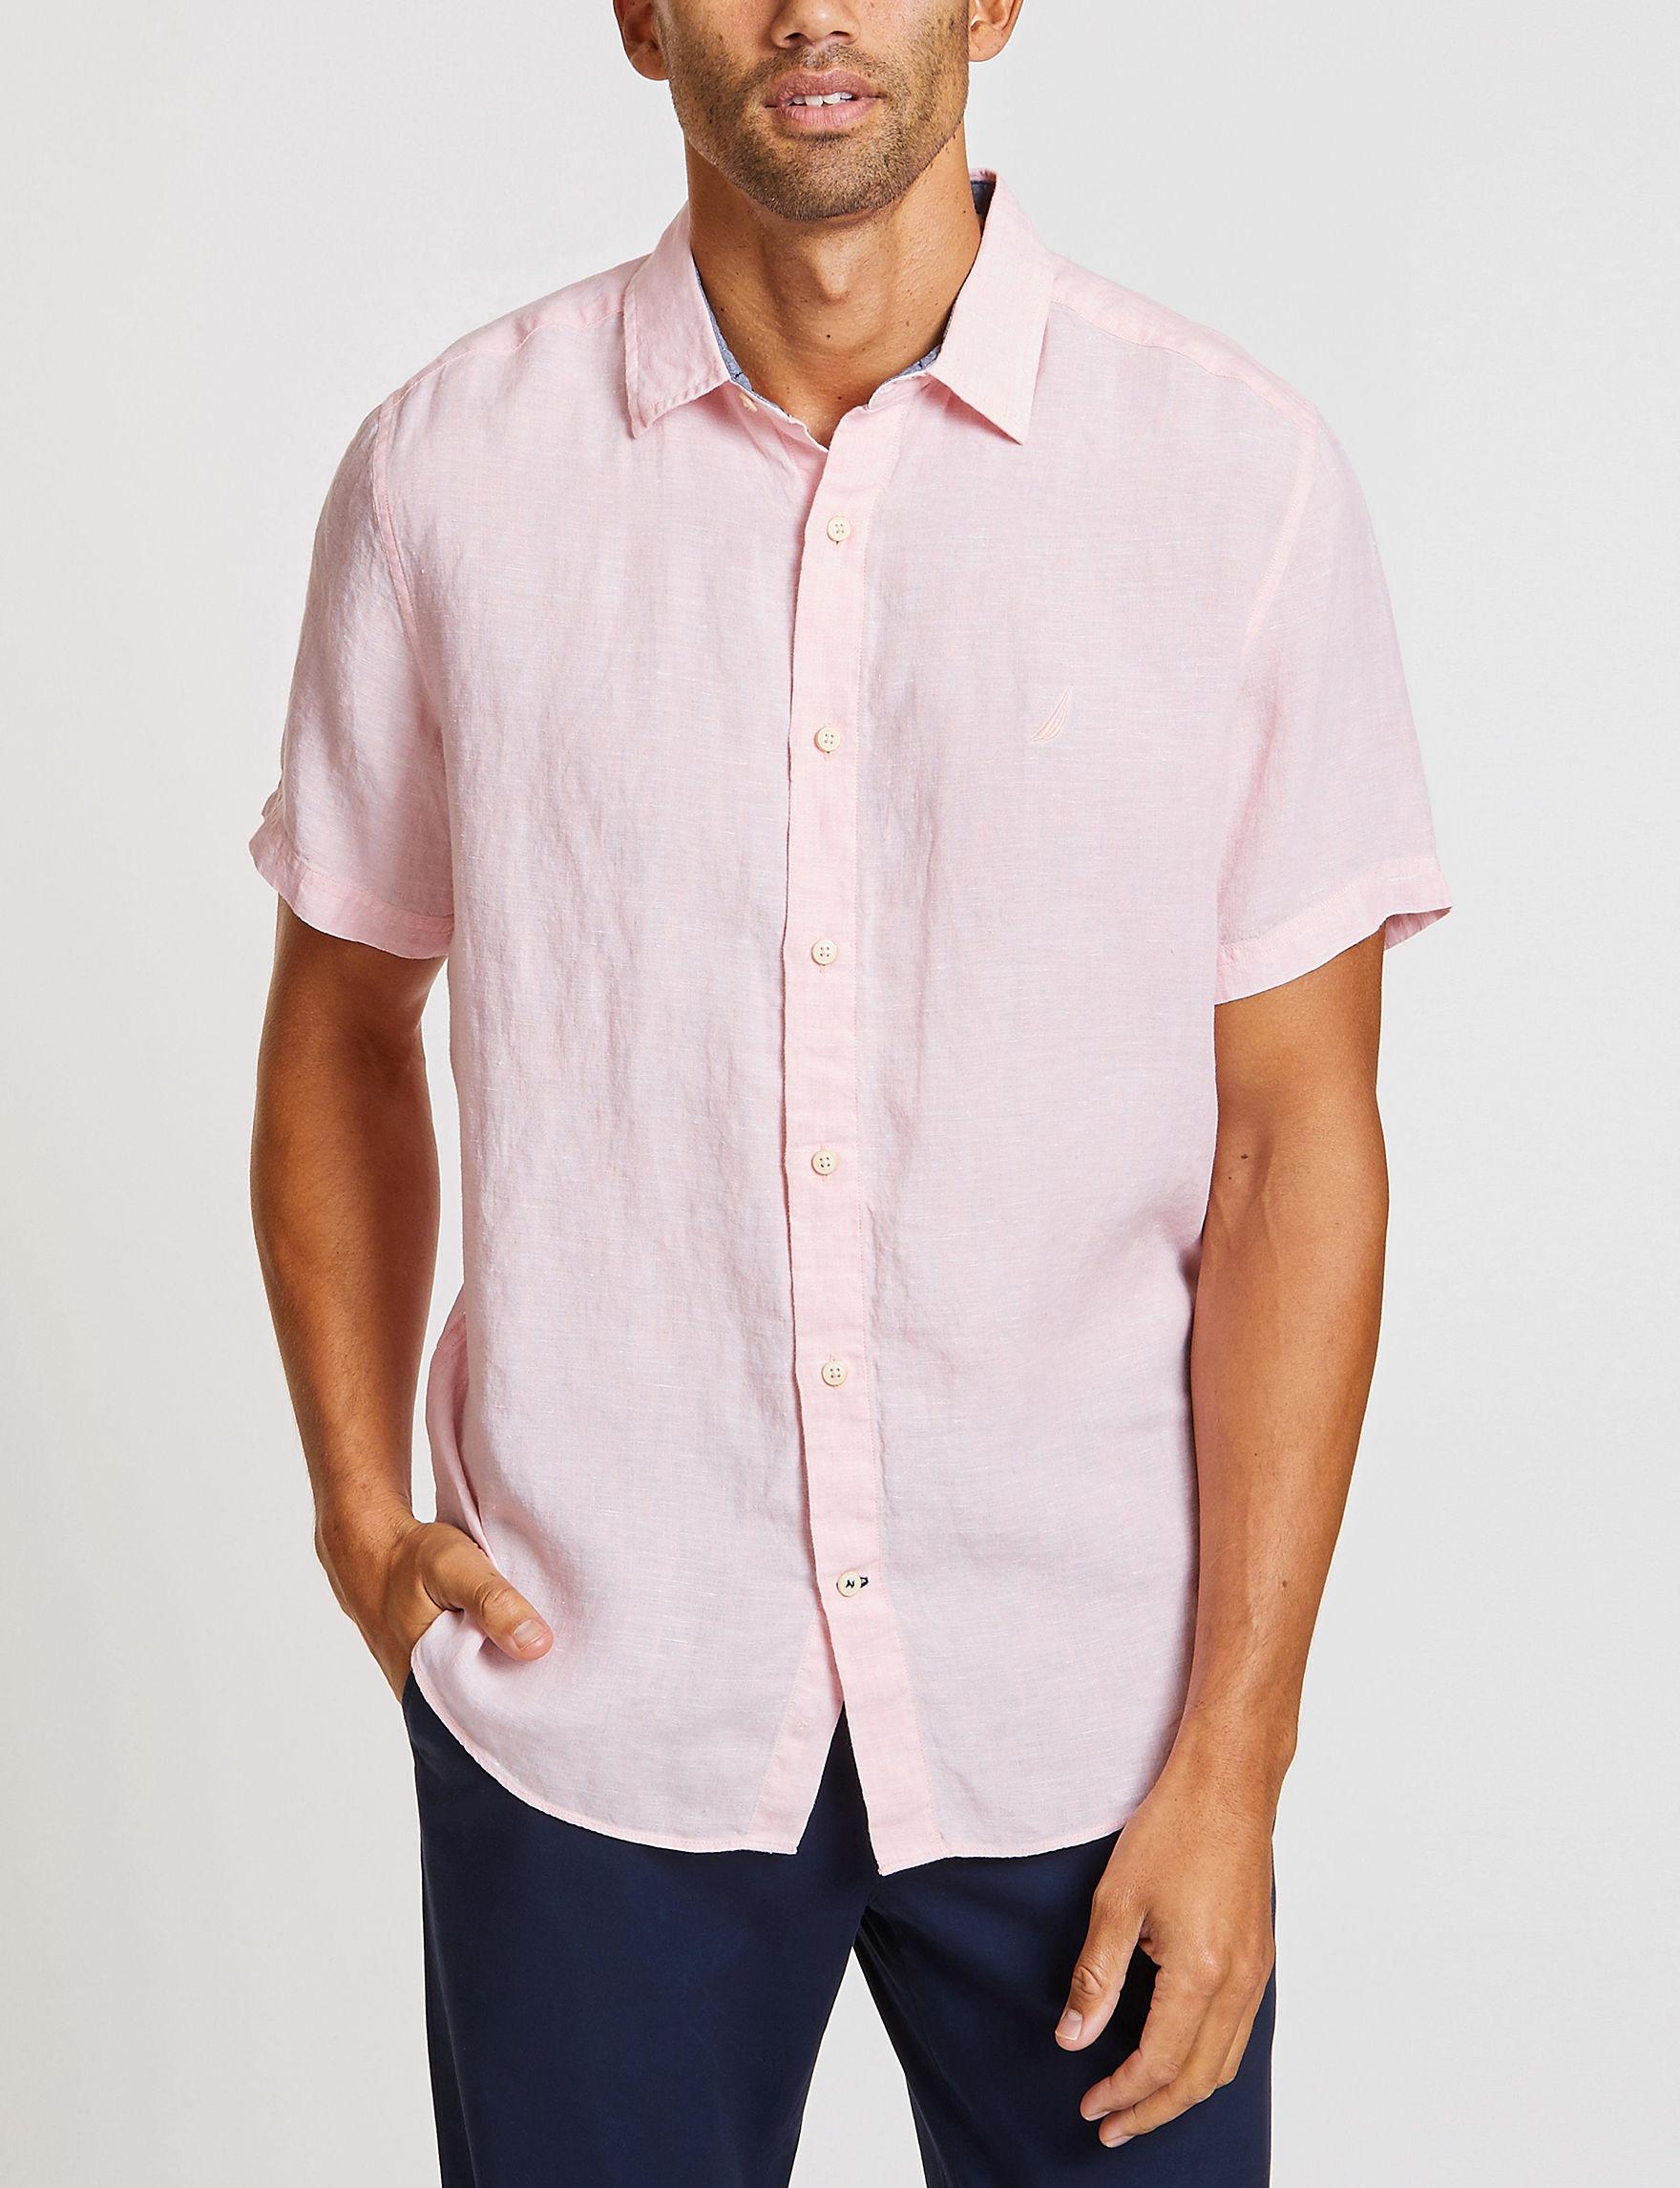 Nautica Pink Casual Button Down Shirts